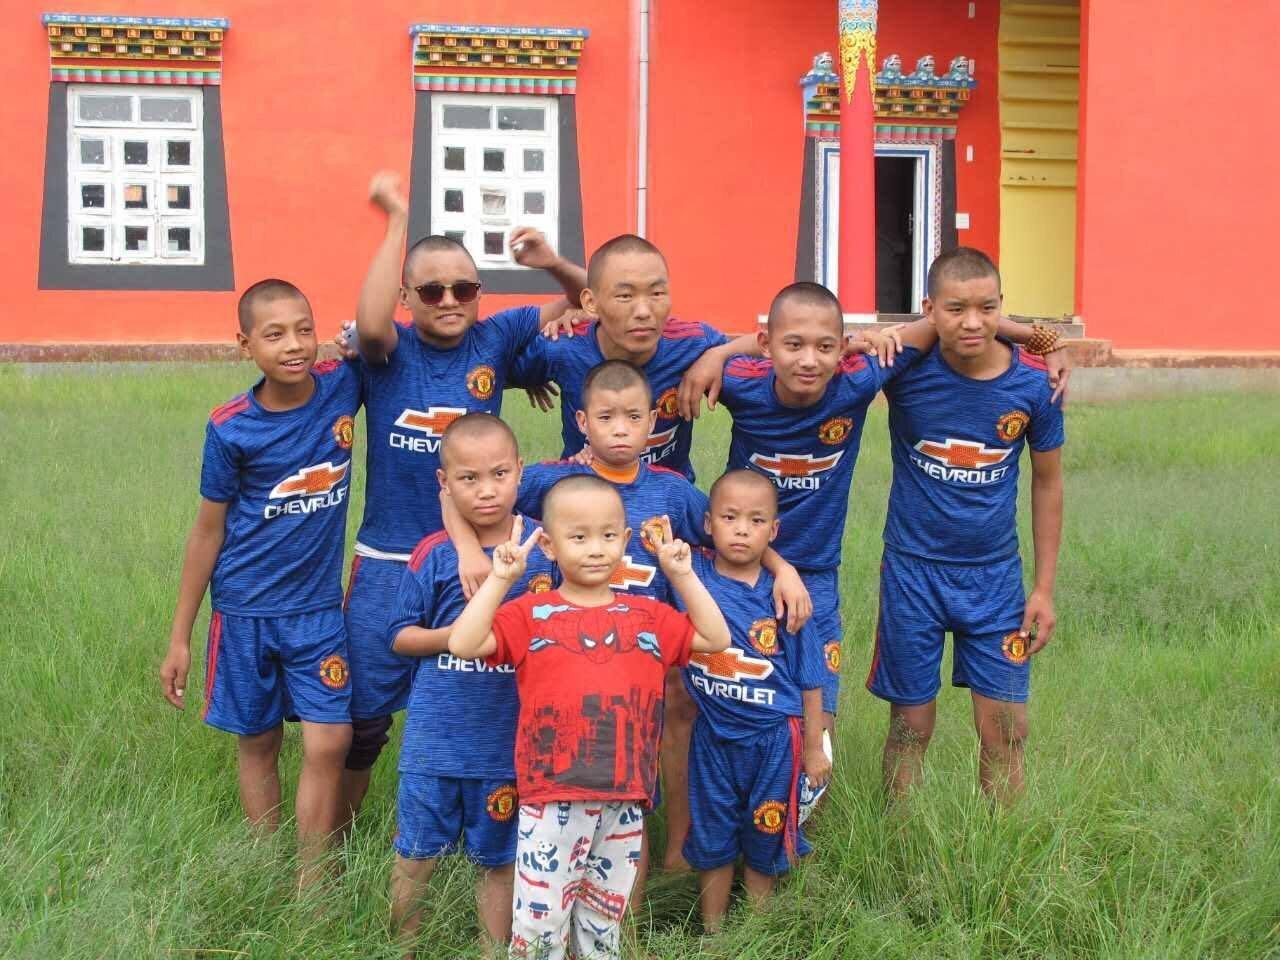 Mainpat_Soccer Team-Blue.jpg